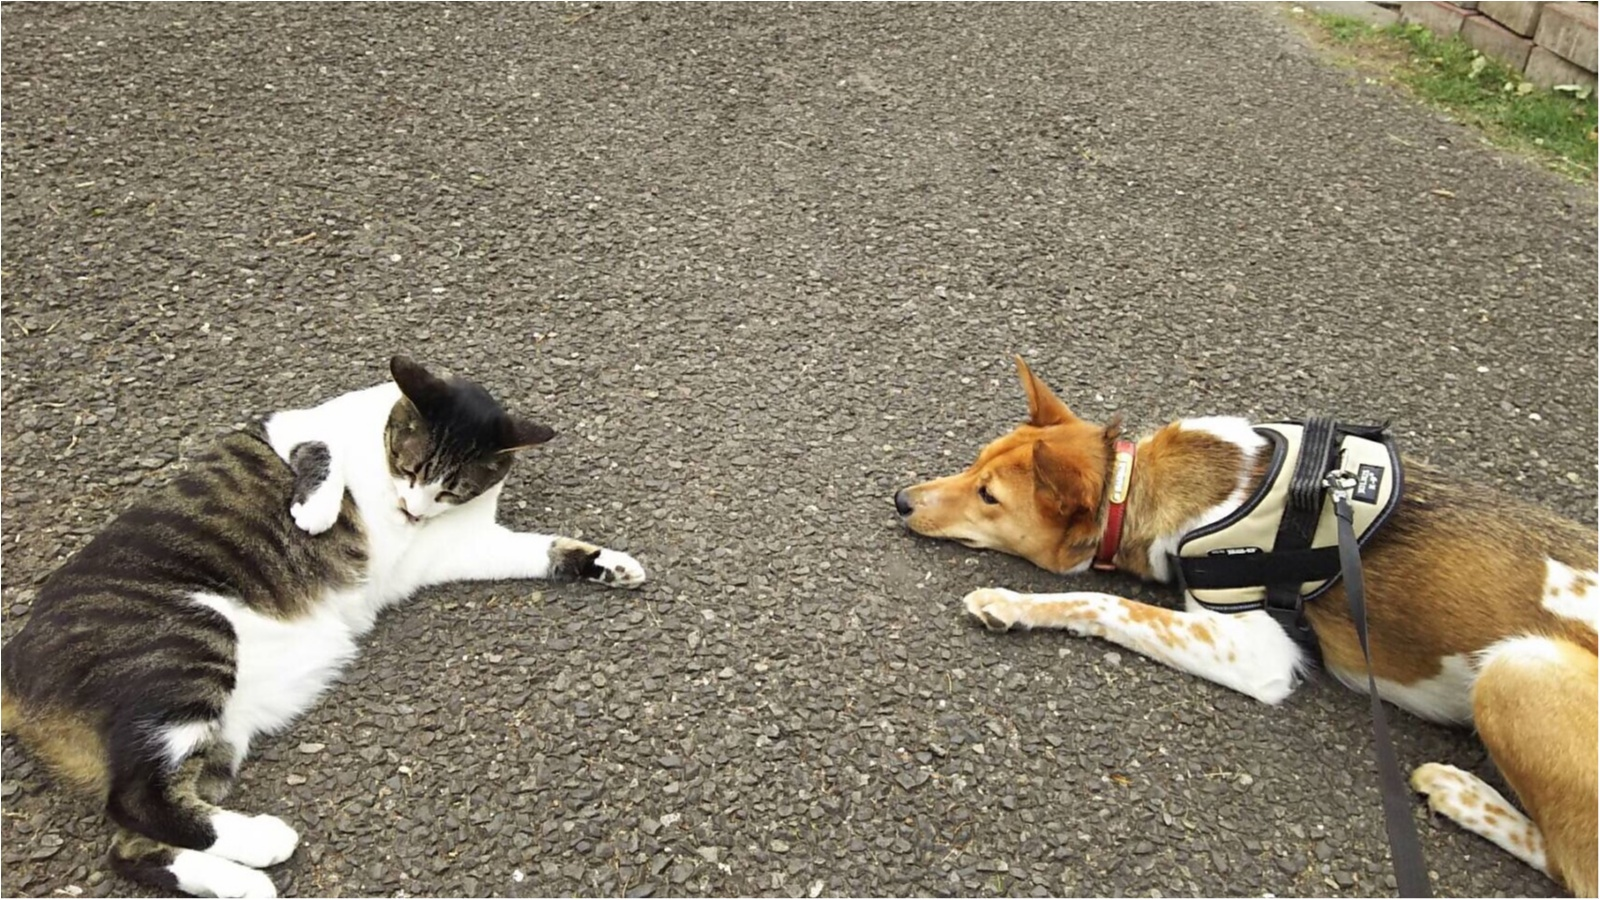 【今日のわんこ】急接近♡ にゃんこLOVE犬・こだまちゃんに、初めての猫友が!?_1